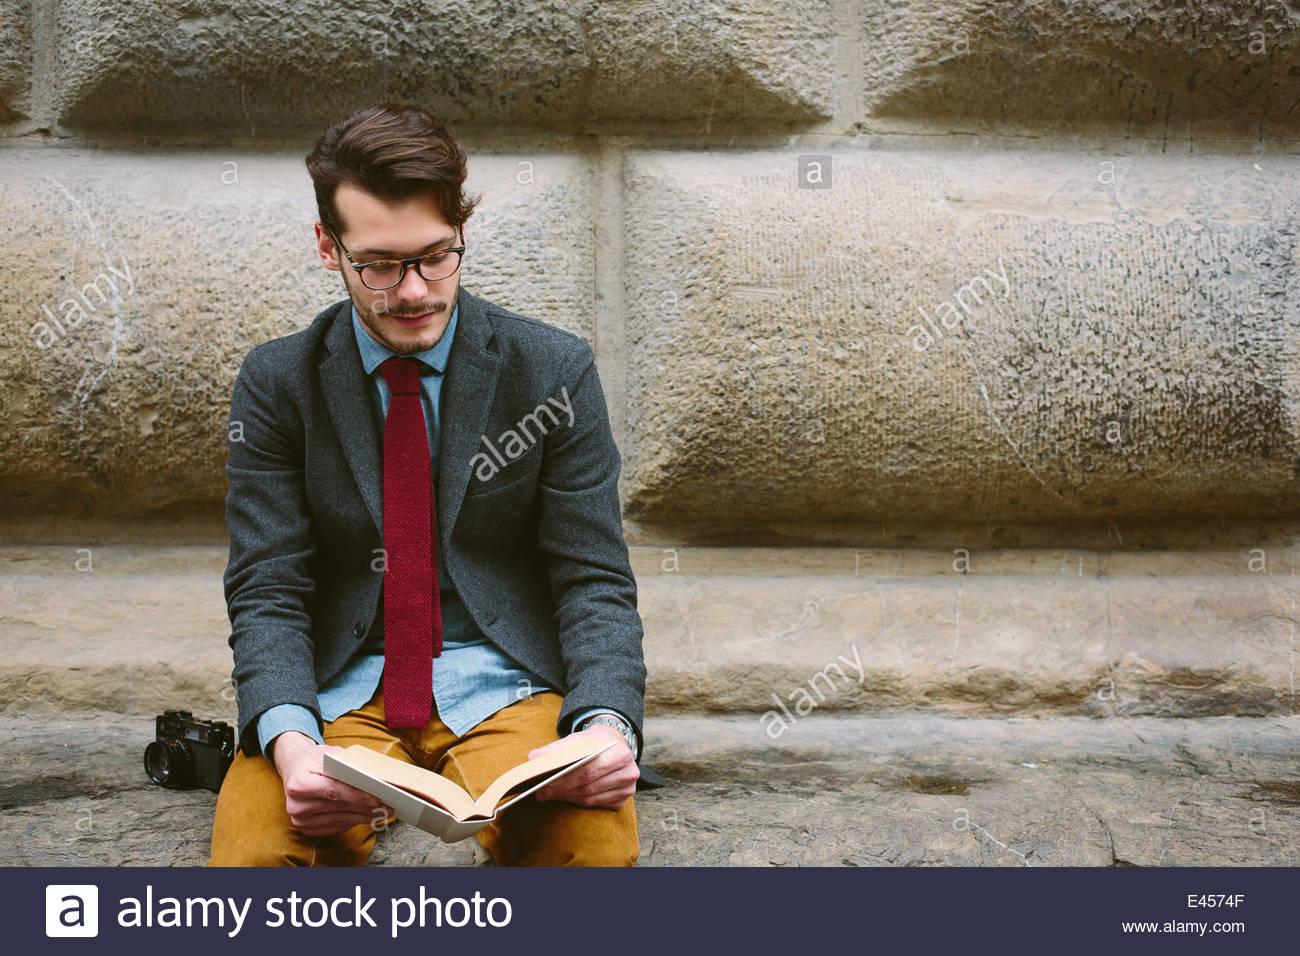 Uomo seduto lettura, Firenze, Italia Immagini Stock